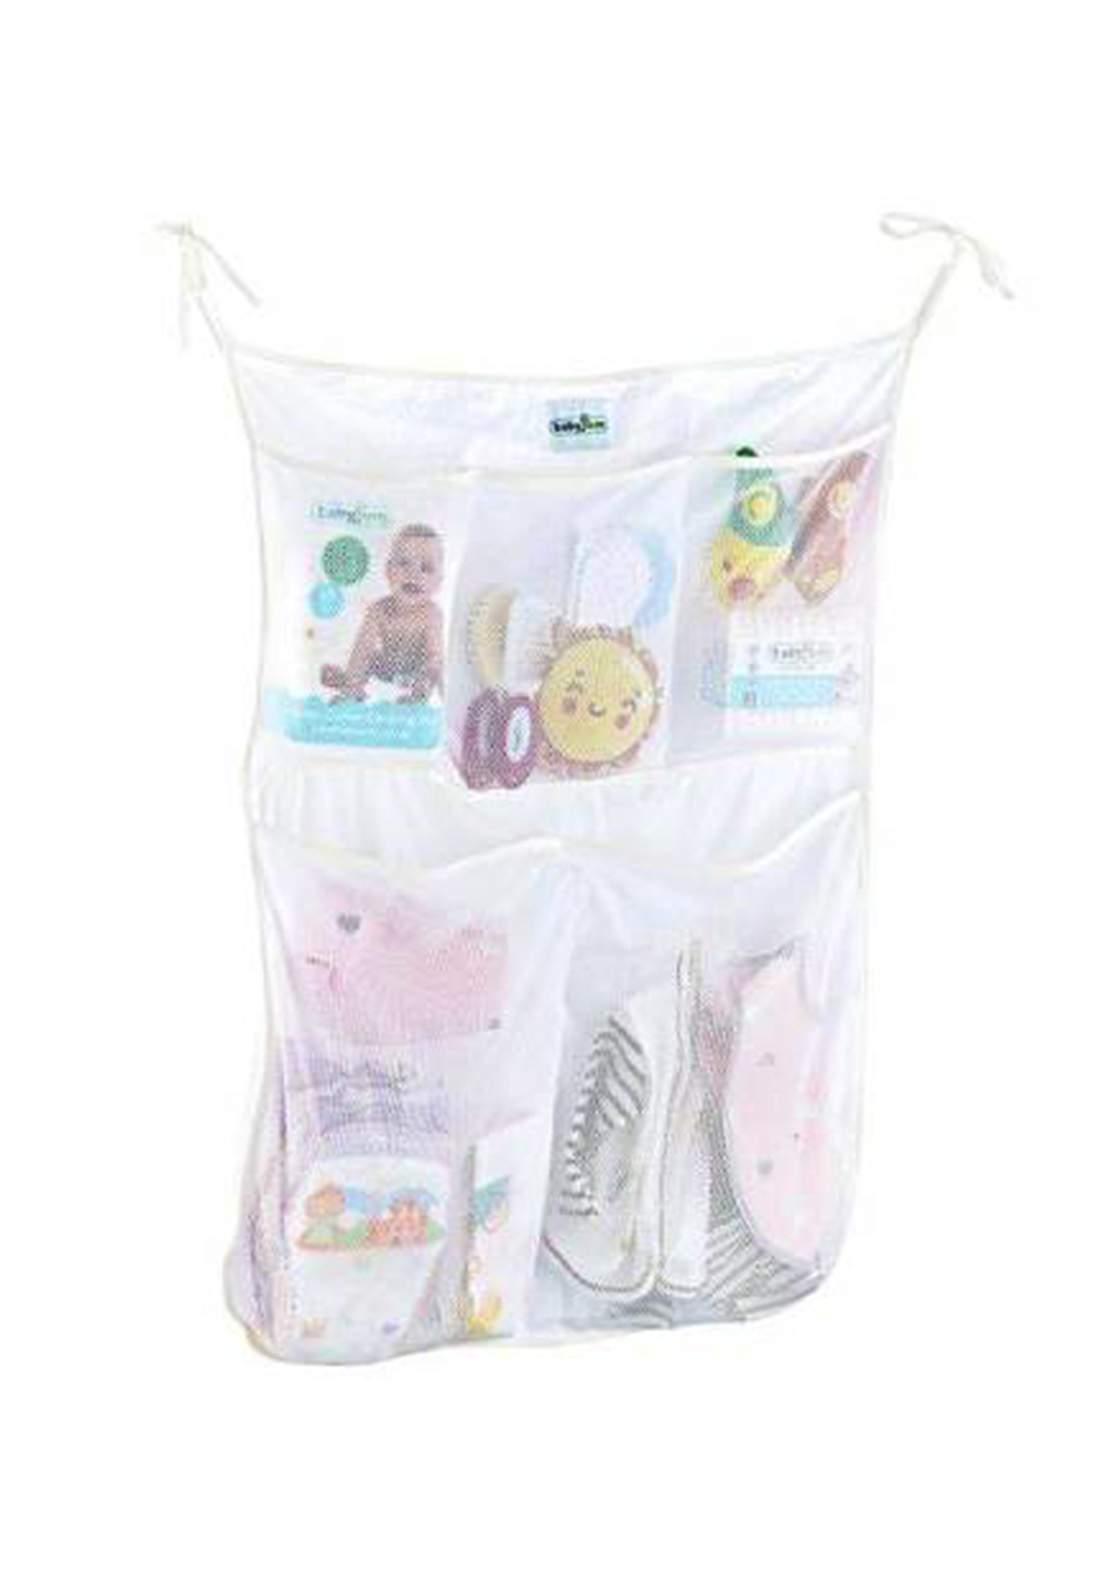 Babyjem 555j Baby Room Organizer حقيبة تخزين لمستلزمات الطفل